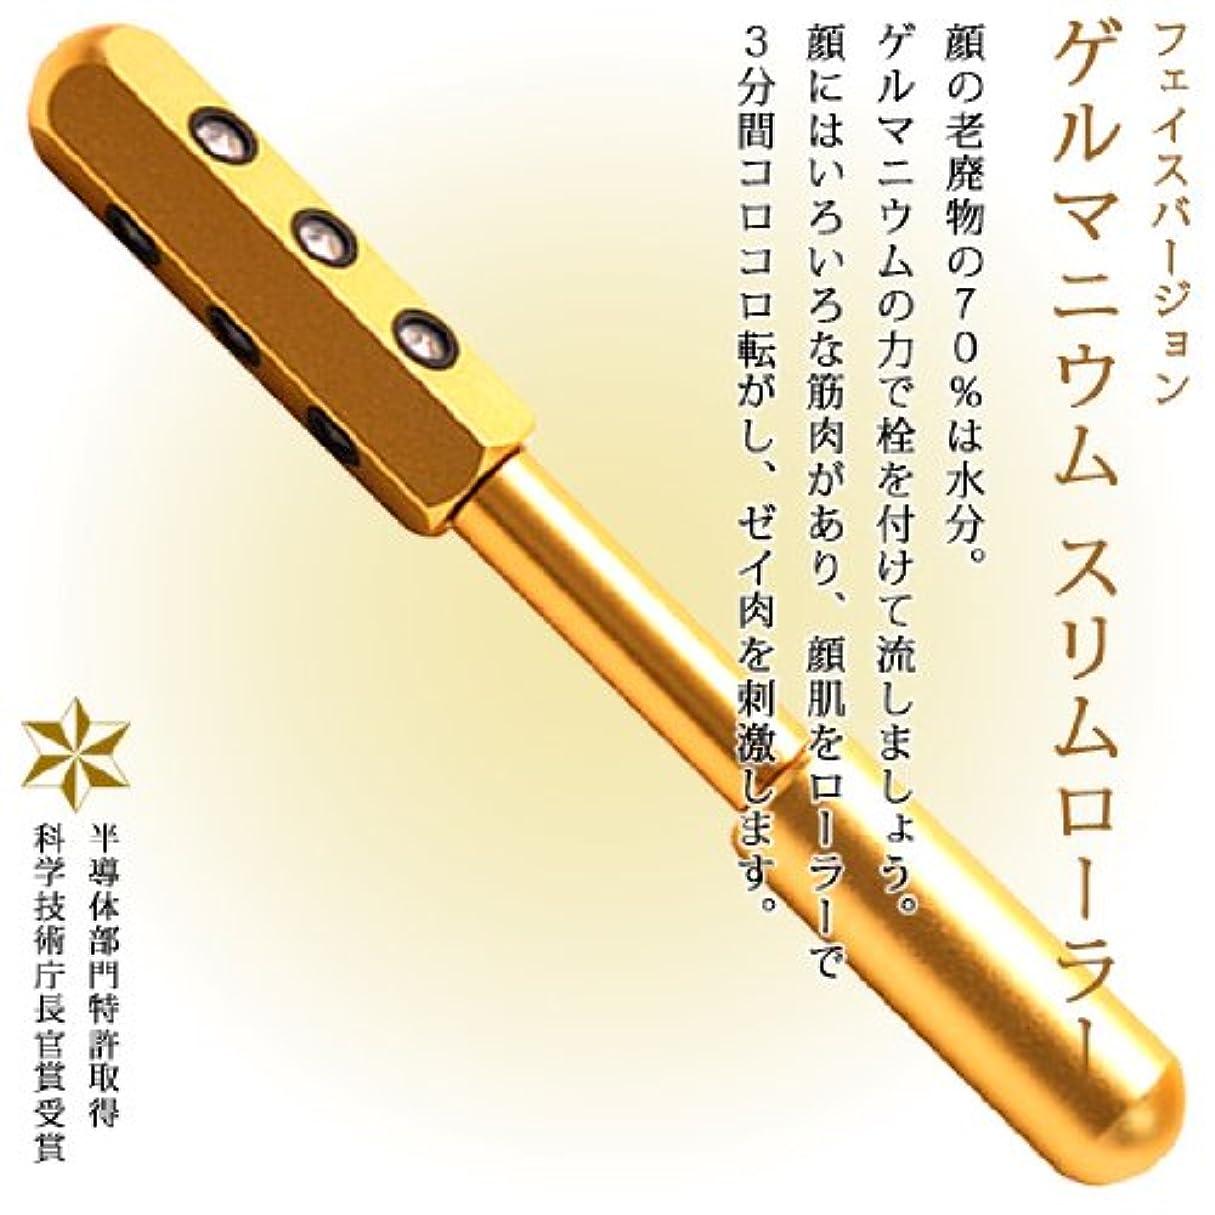 褒賞費用フェリーゲルマニウムスリムローラー フェイスバージョン 【ゴールド】